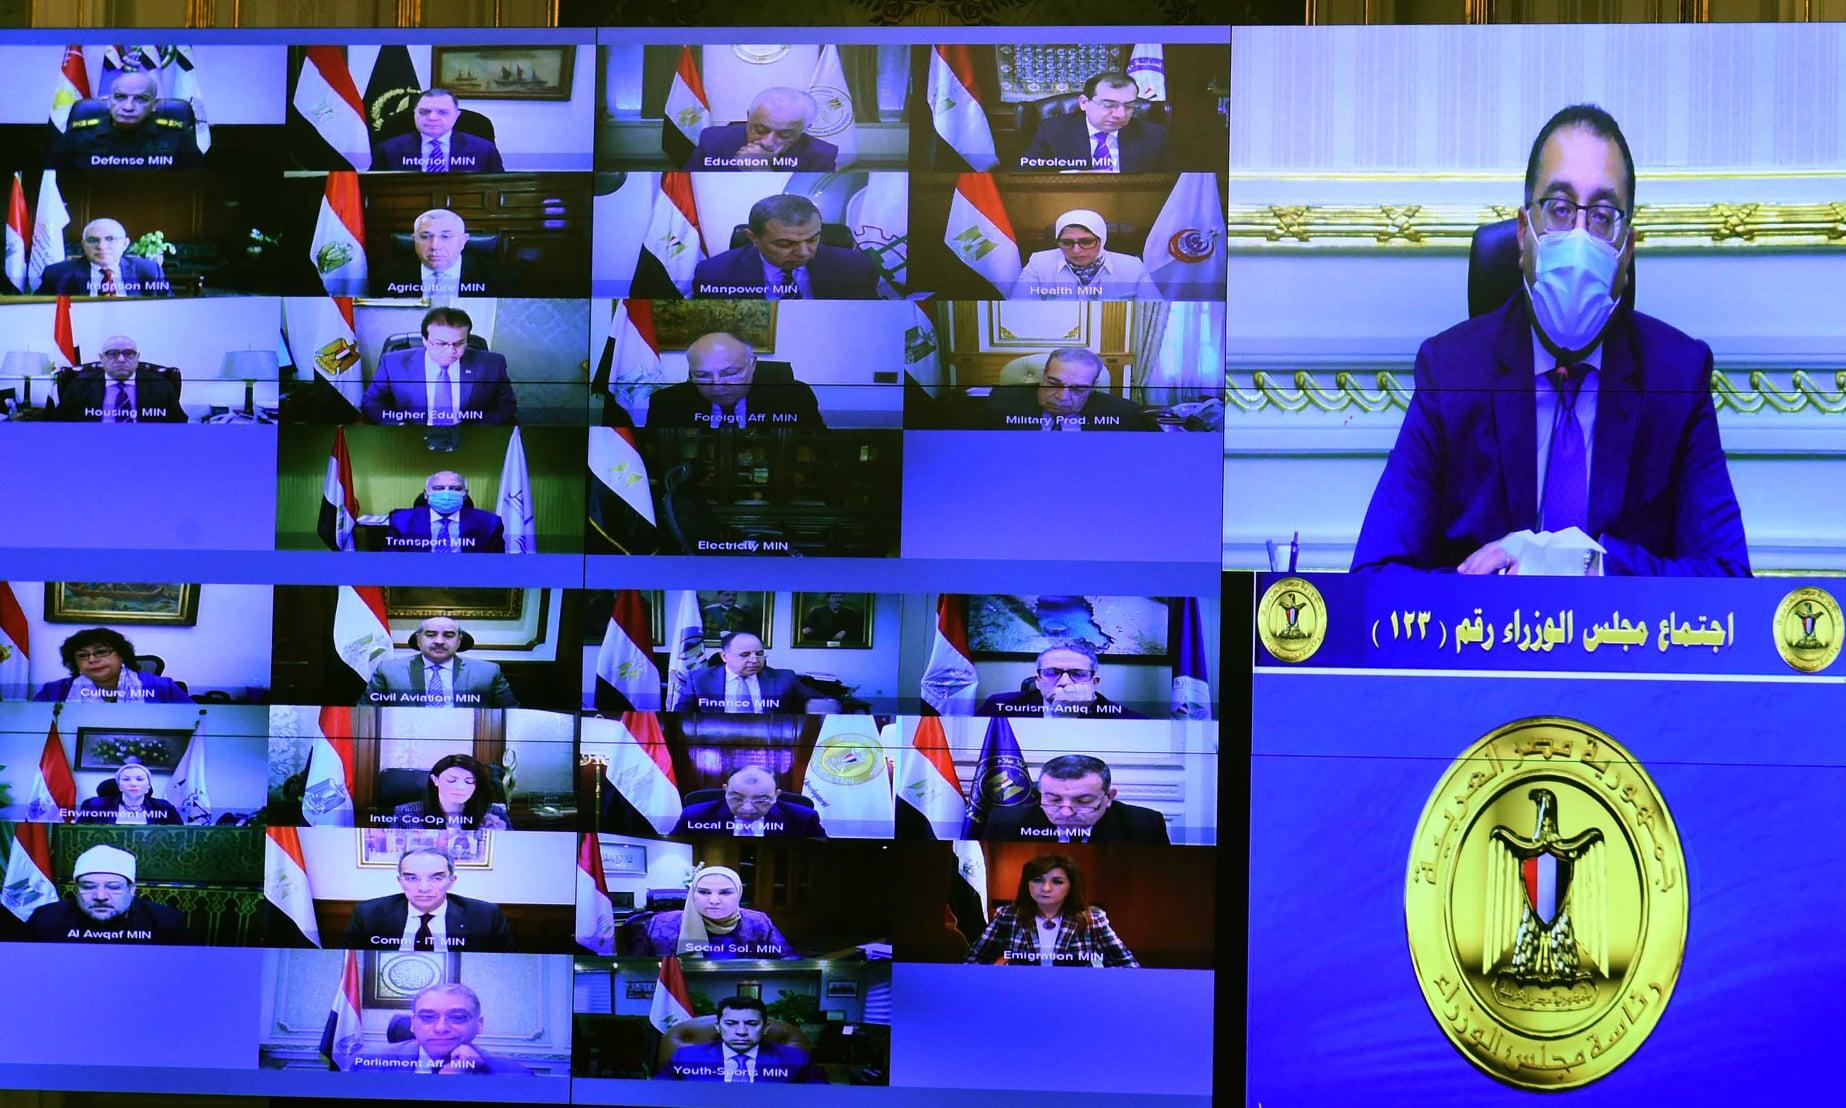 منصة مصر الرقمية.. وداعًا لتدخل العنصر البشري في إتاحة الخدمات الحكومية